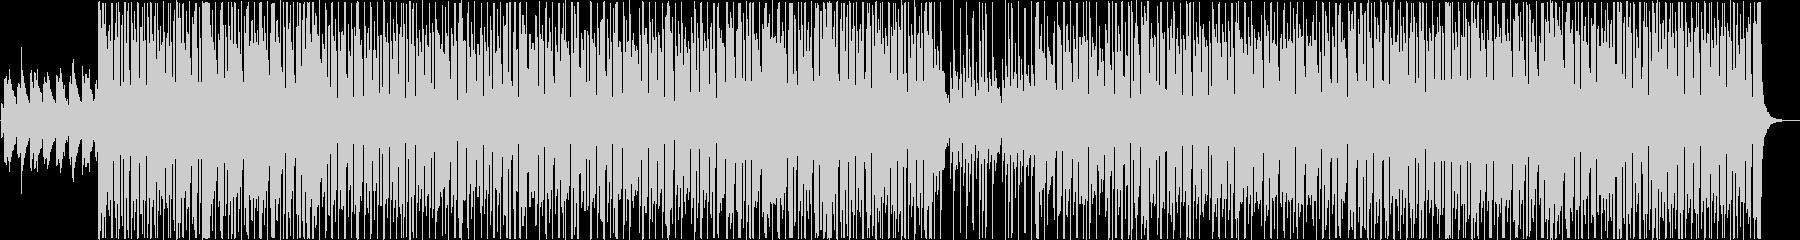 ハロウィン怪しげなヒップホップの未再生の波形